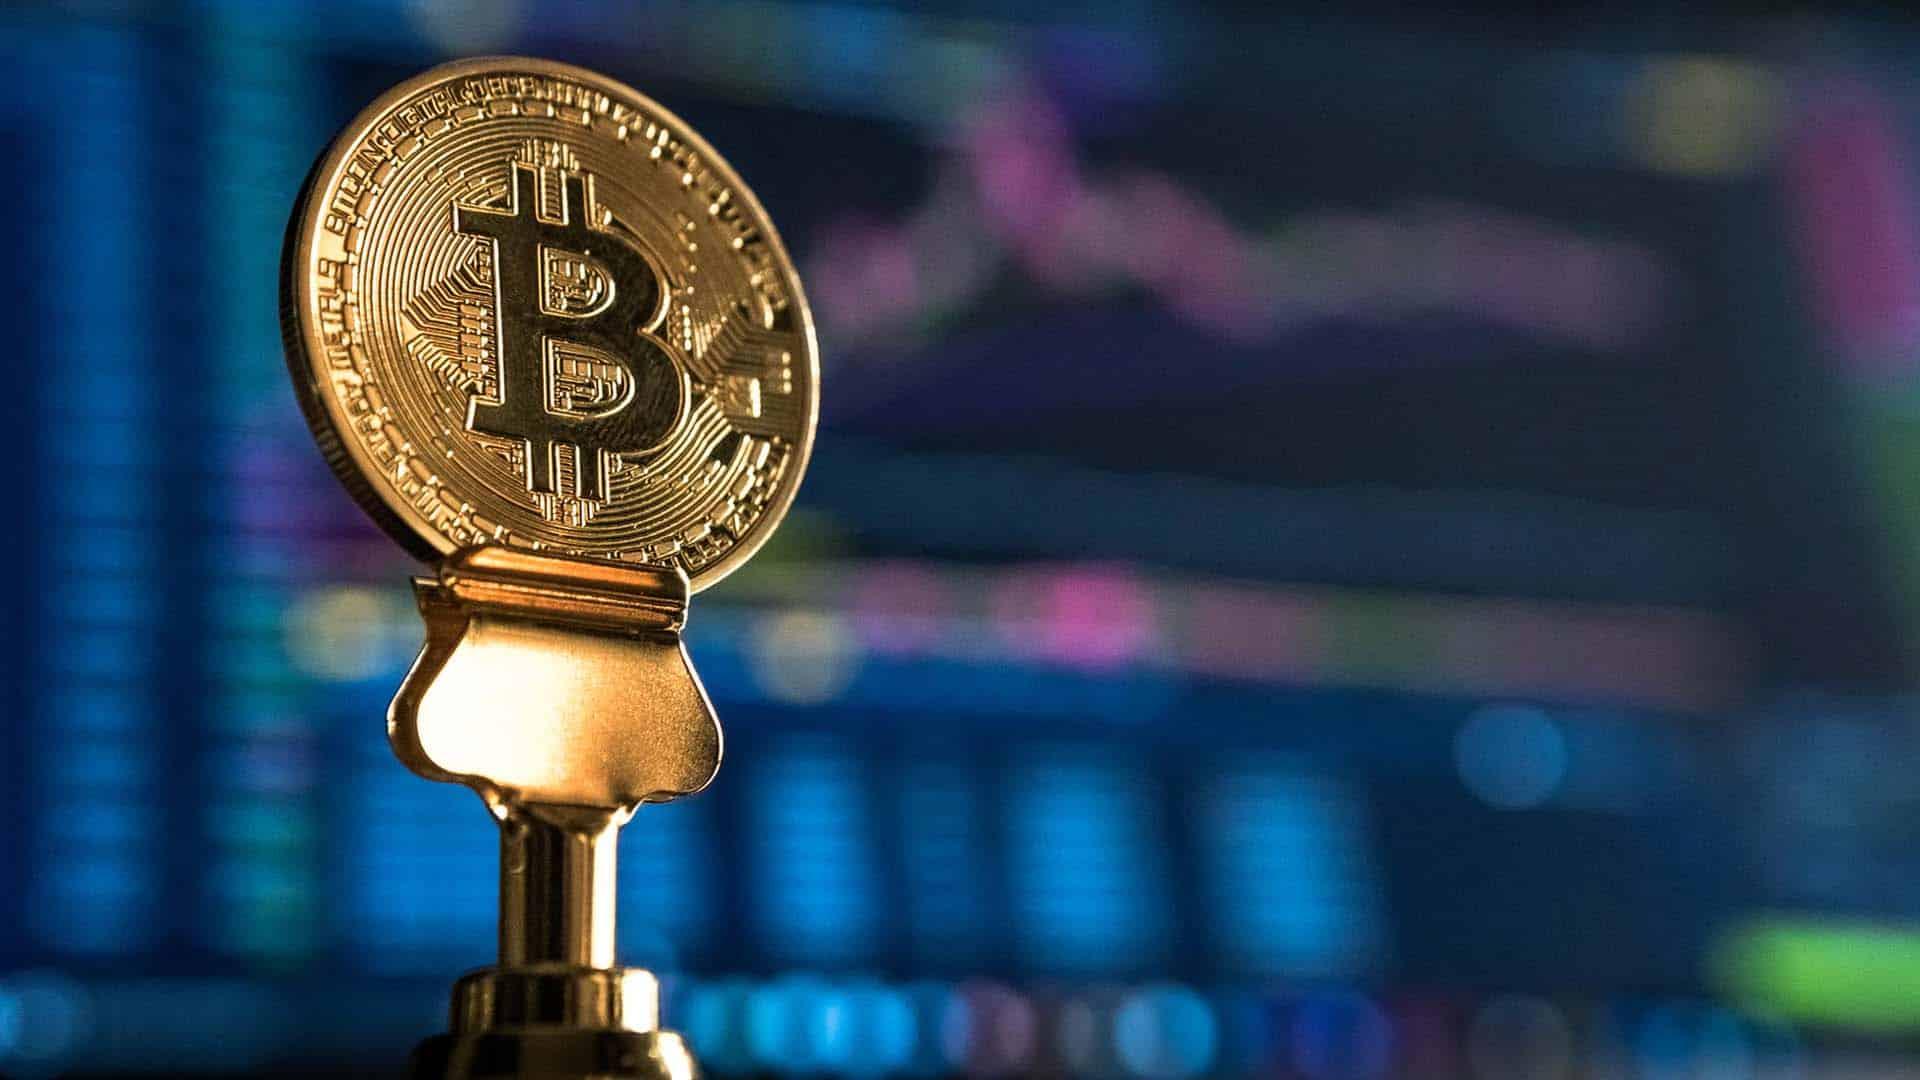 physical bitcoin on table